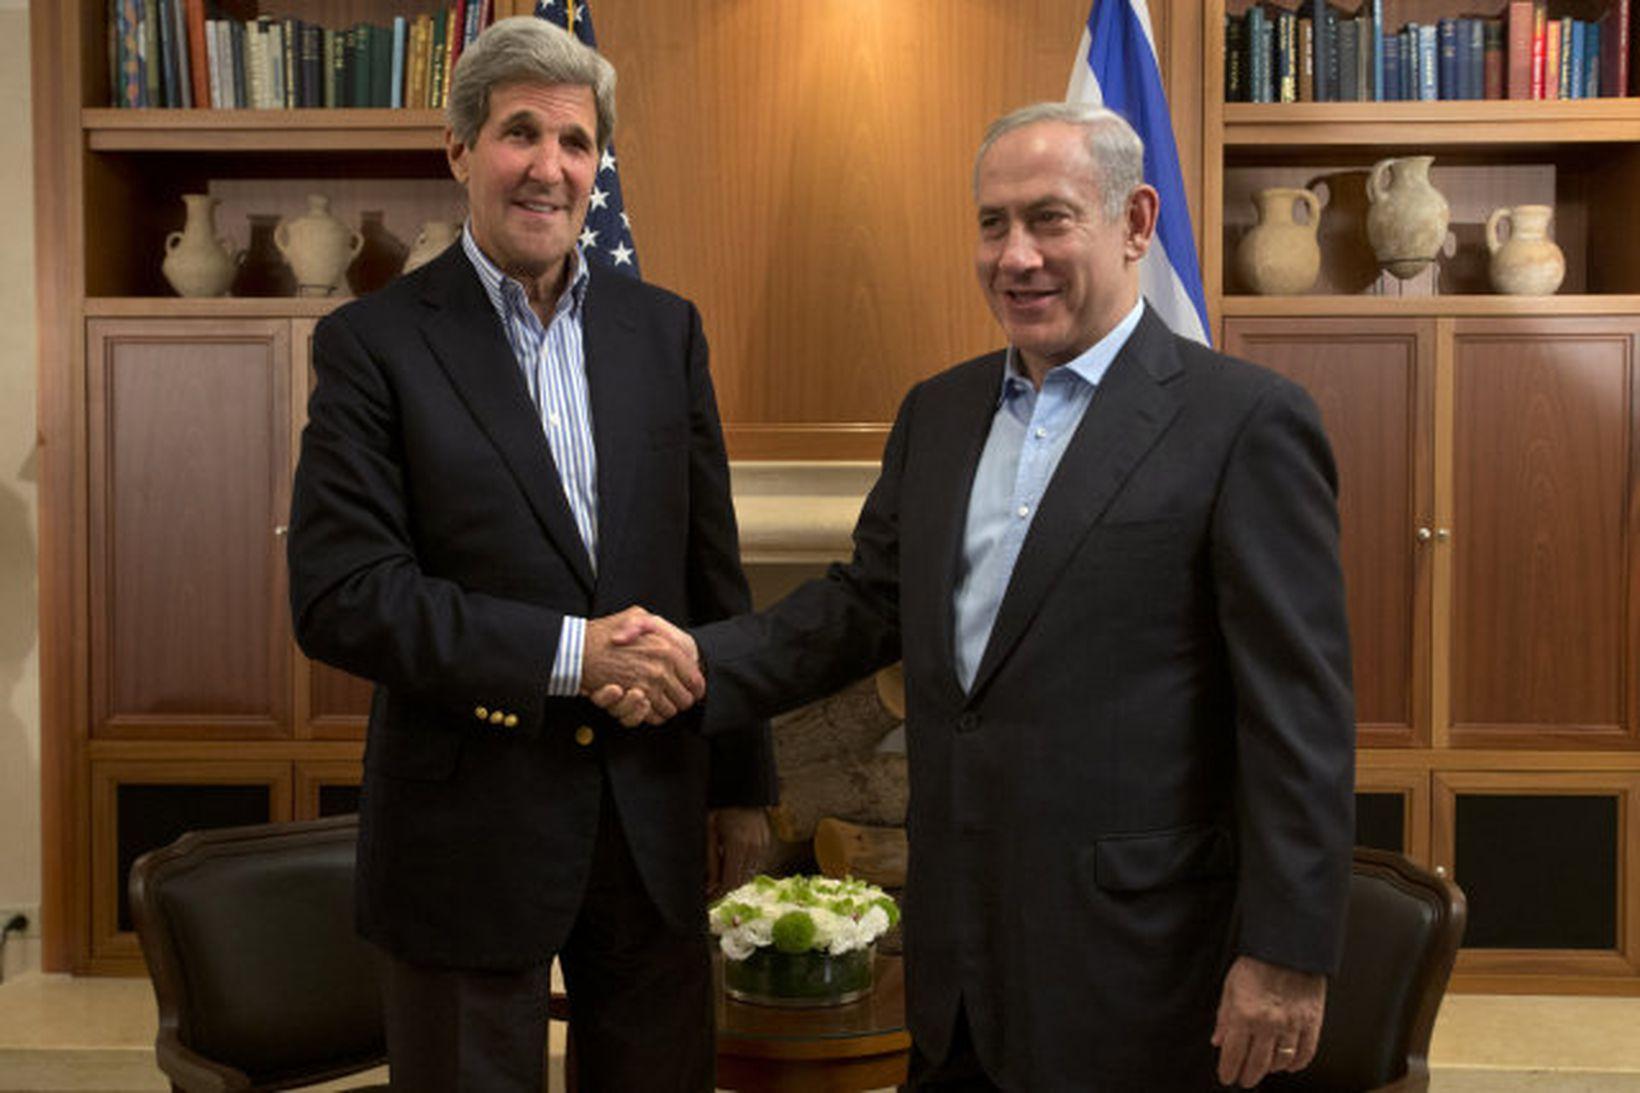 John Kerry, utanríkisráðherra Bandaríkjanna, og Benjamin Netanyahu, forsætisráðherra Ísraels.